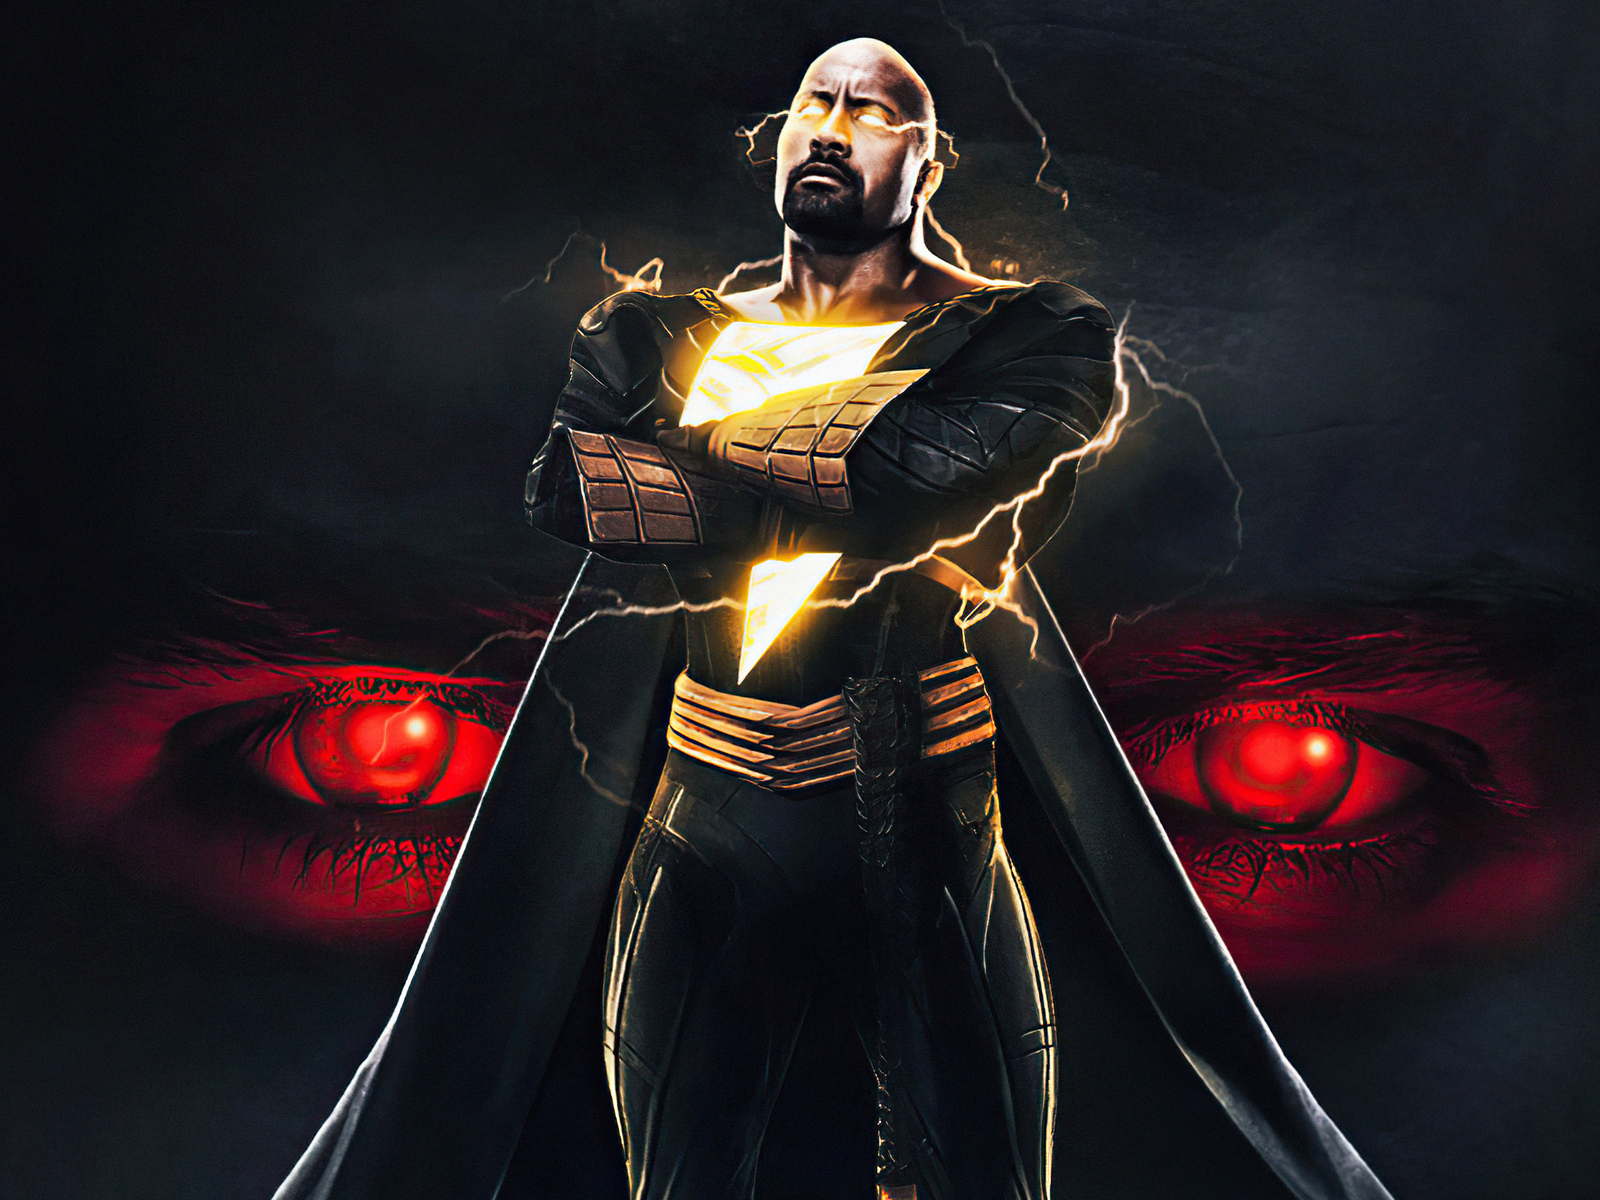 black-adam-v-superman-4k-0e.jpg